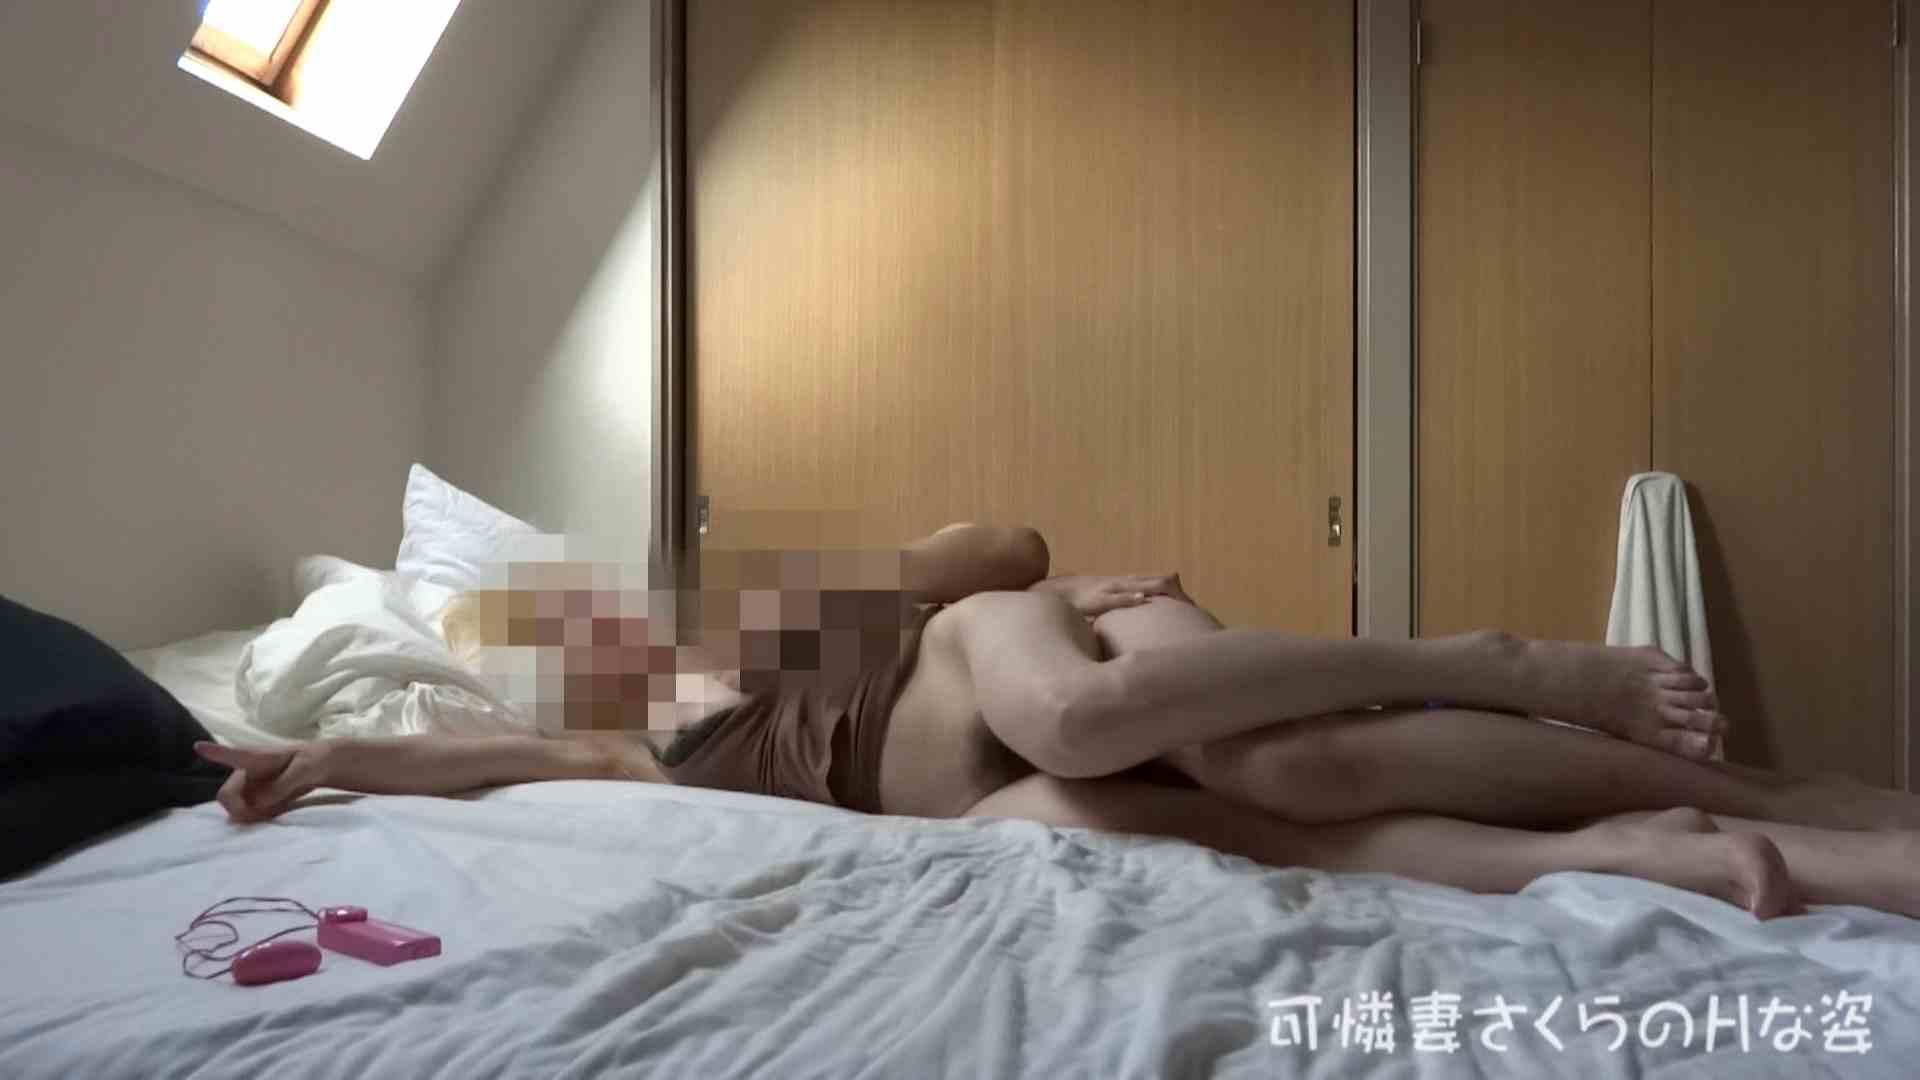 可憐妻さくらのHな姿vol.18 オナニーし放題 | 淫乱  79pic 79